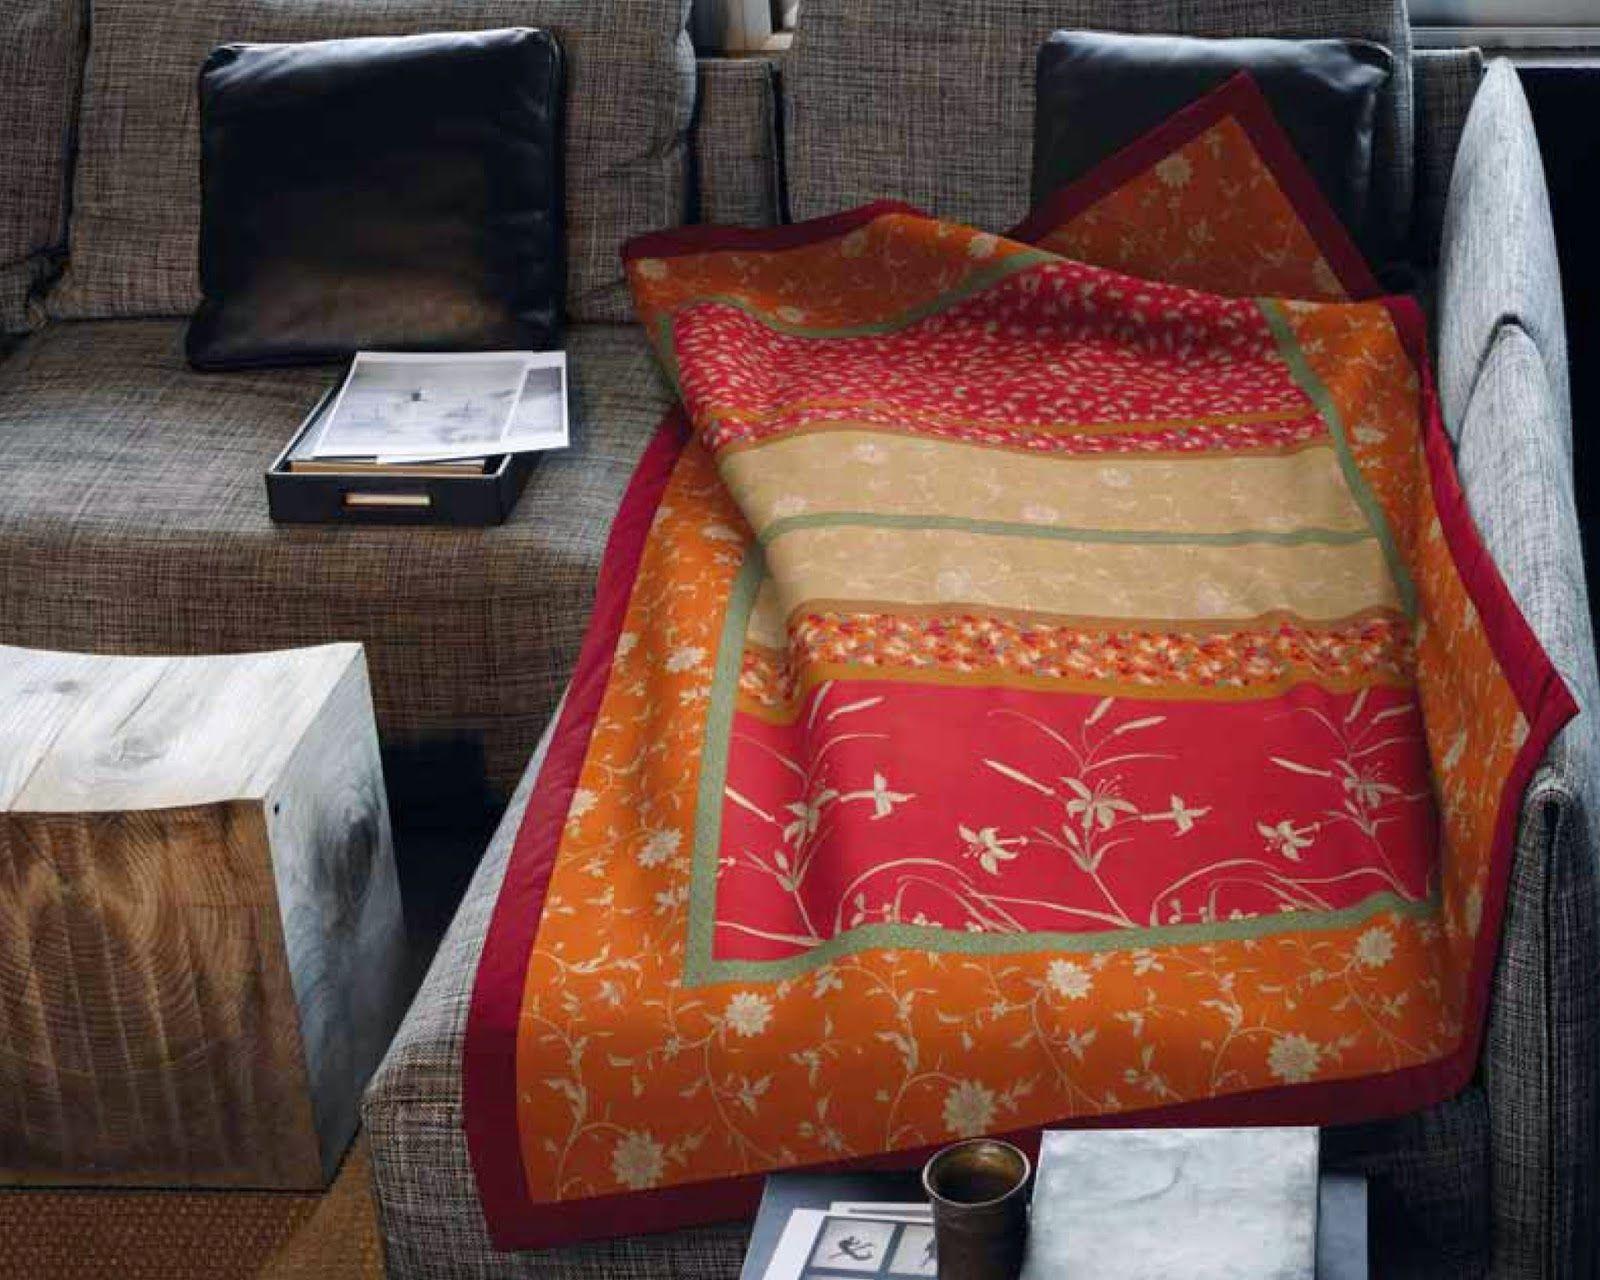 doge bassetti granfoulard plaid colecci n plaids bassetti granfoulard. Black Bedroom Furniture Sets. Home Design Ideas